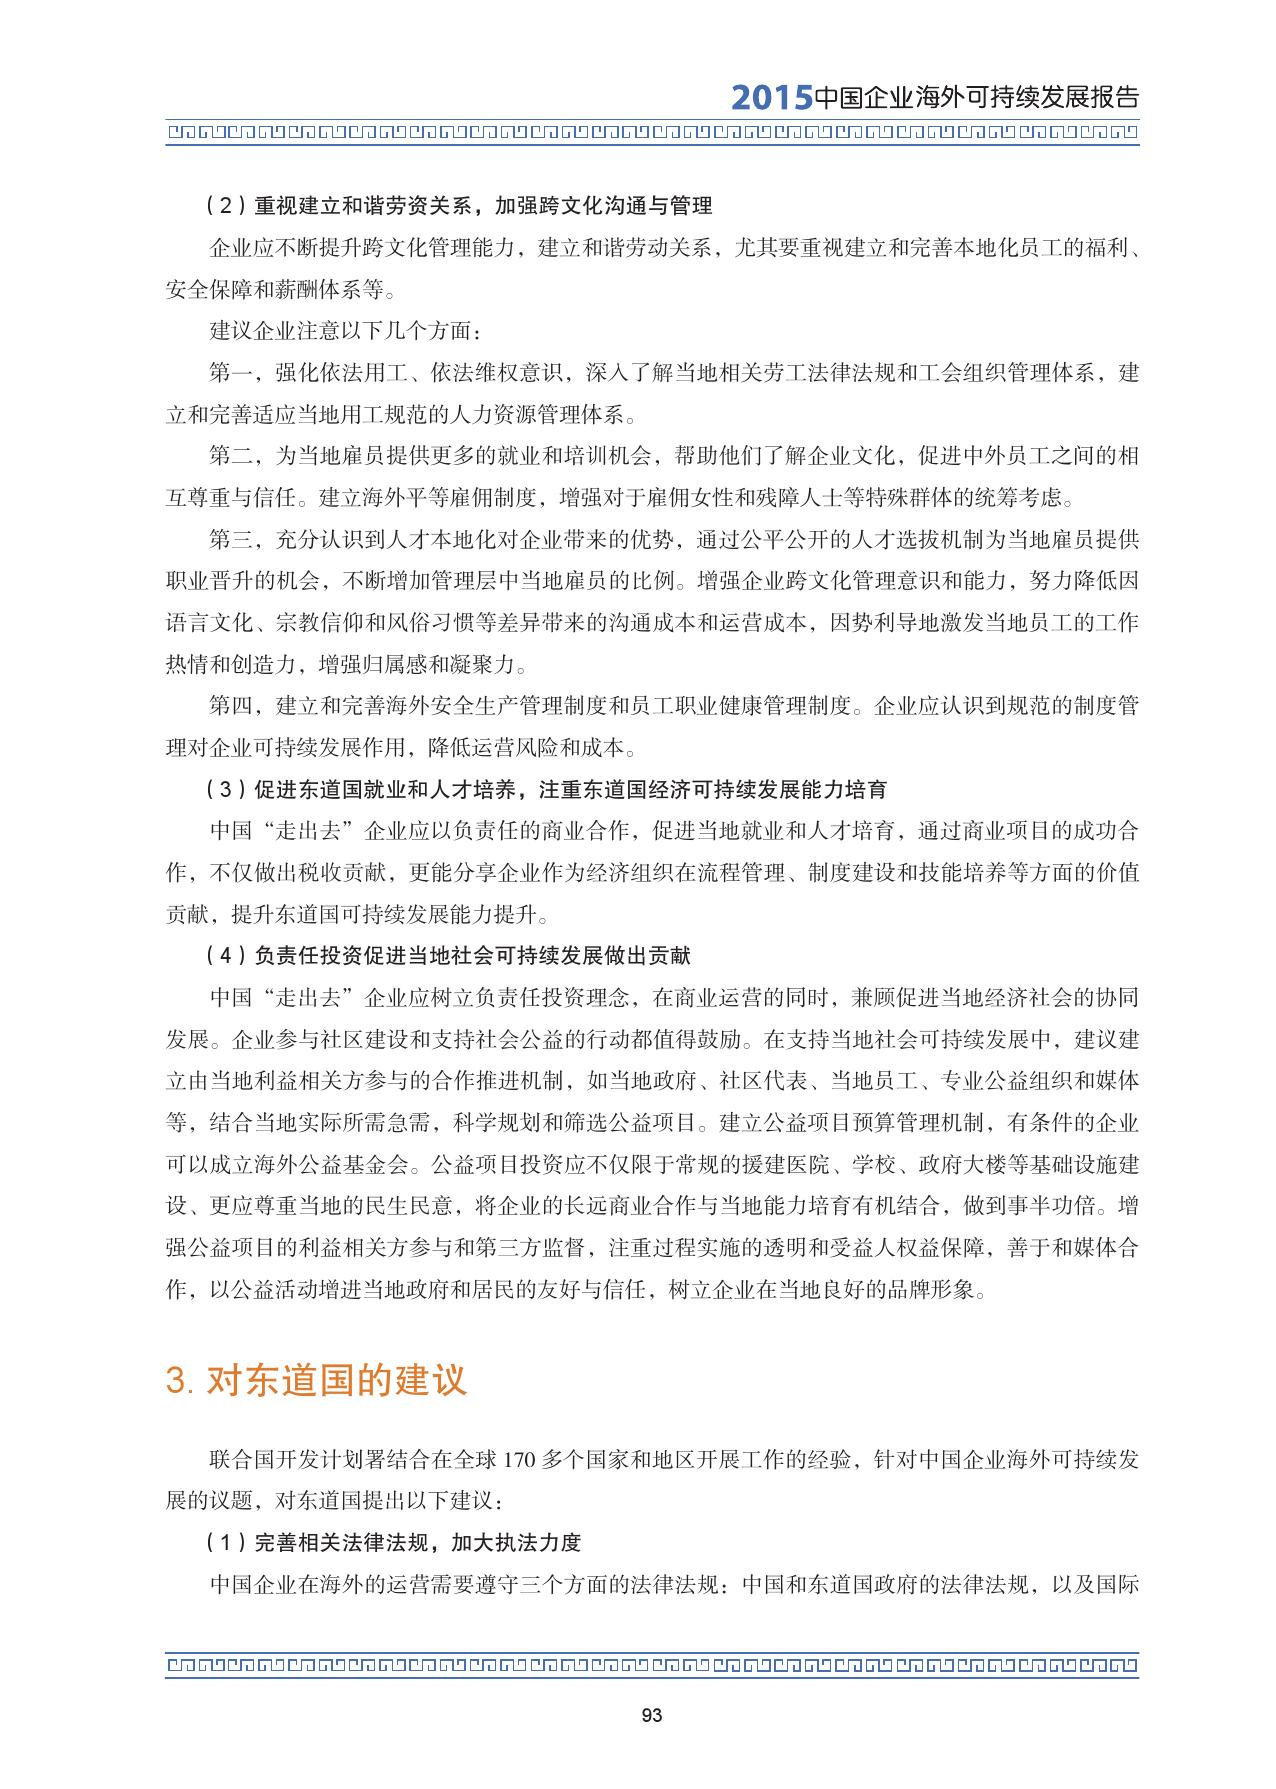 2015中国企业海外可持续发展报告_000107